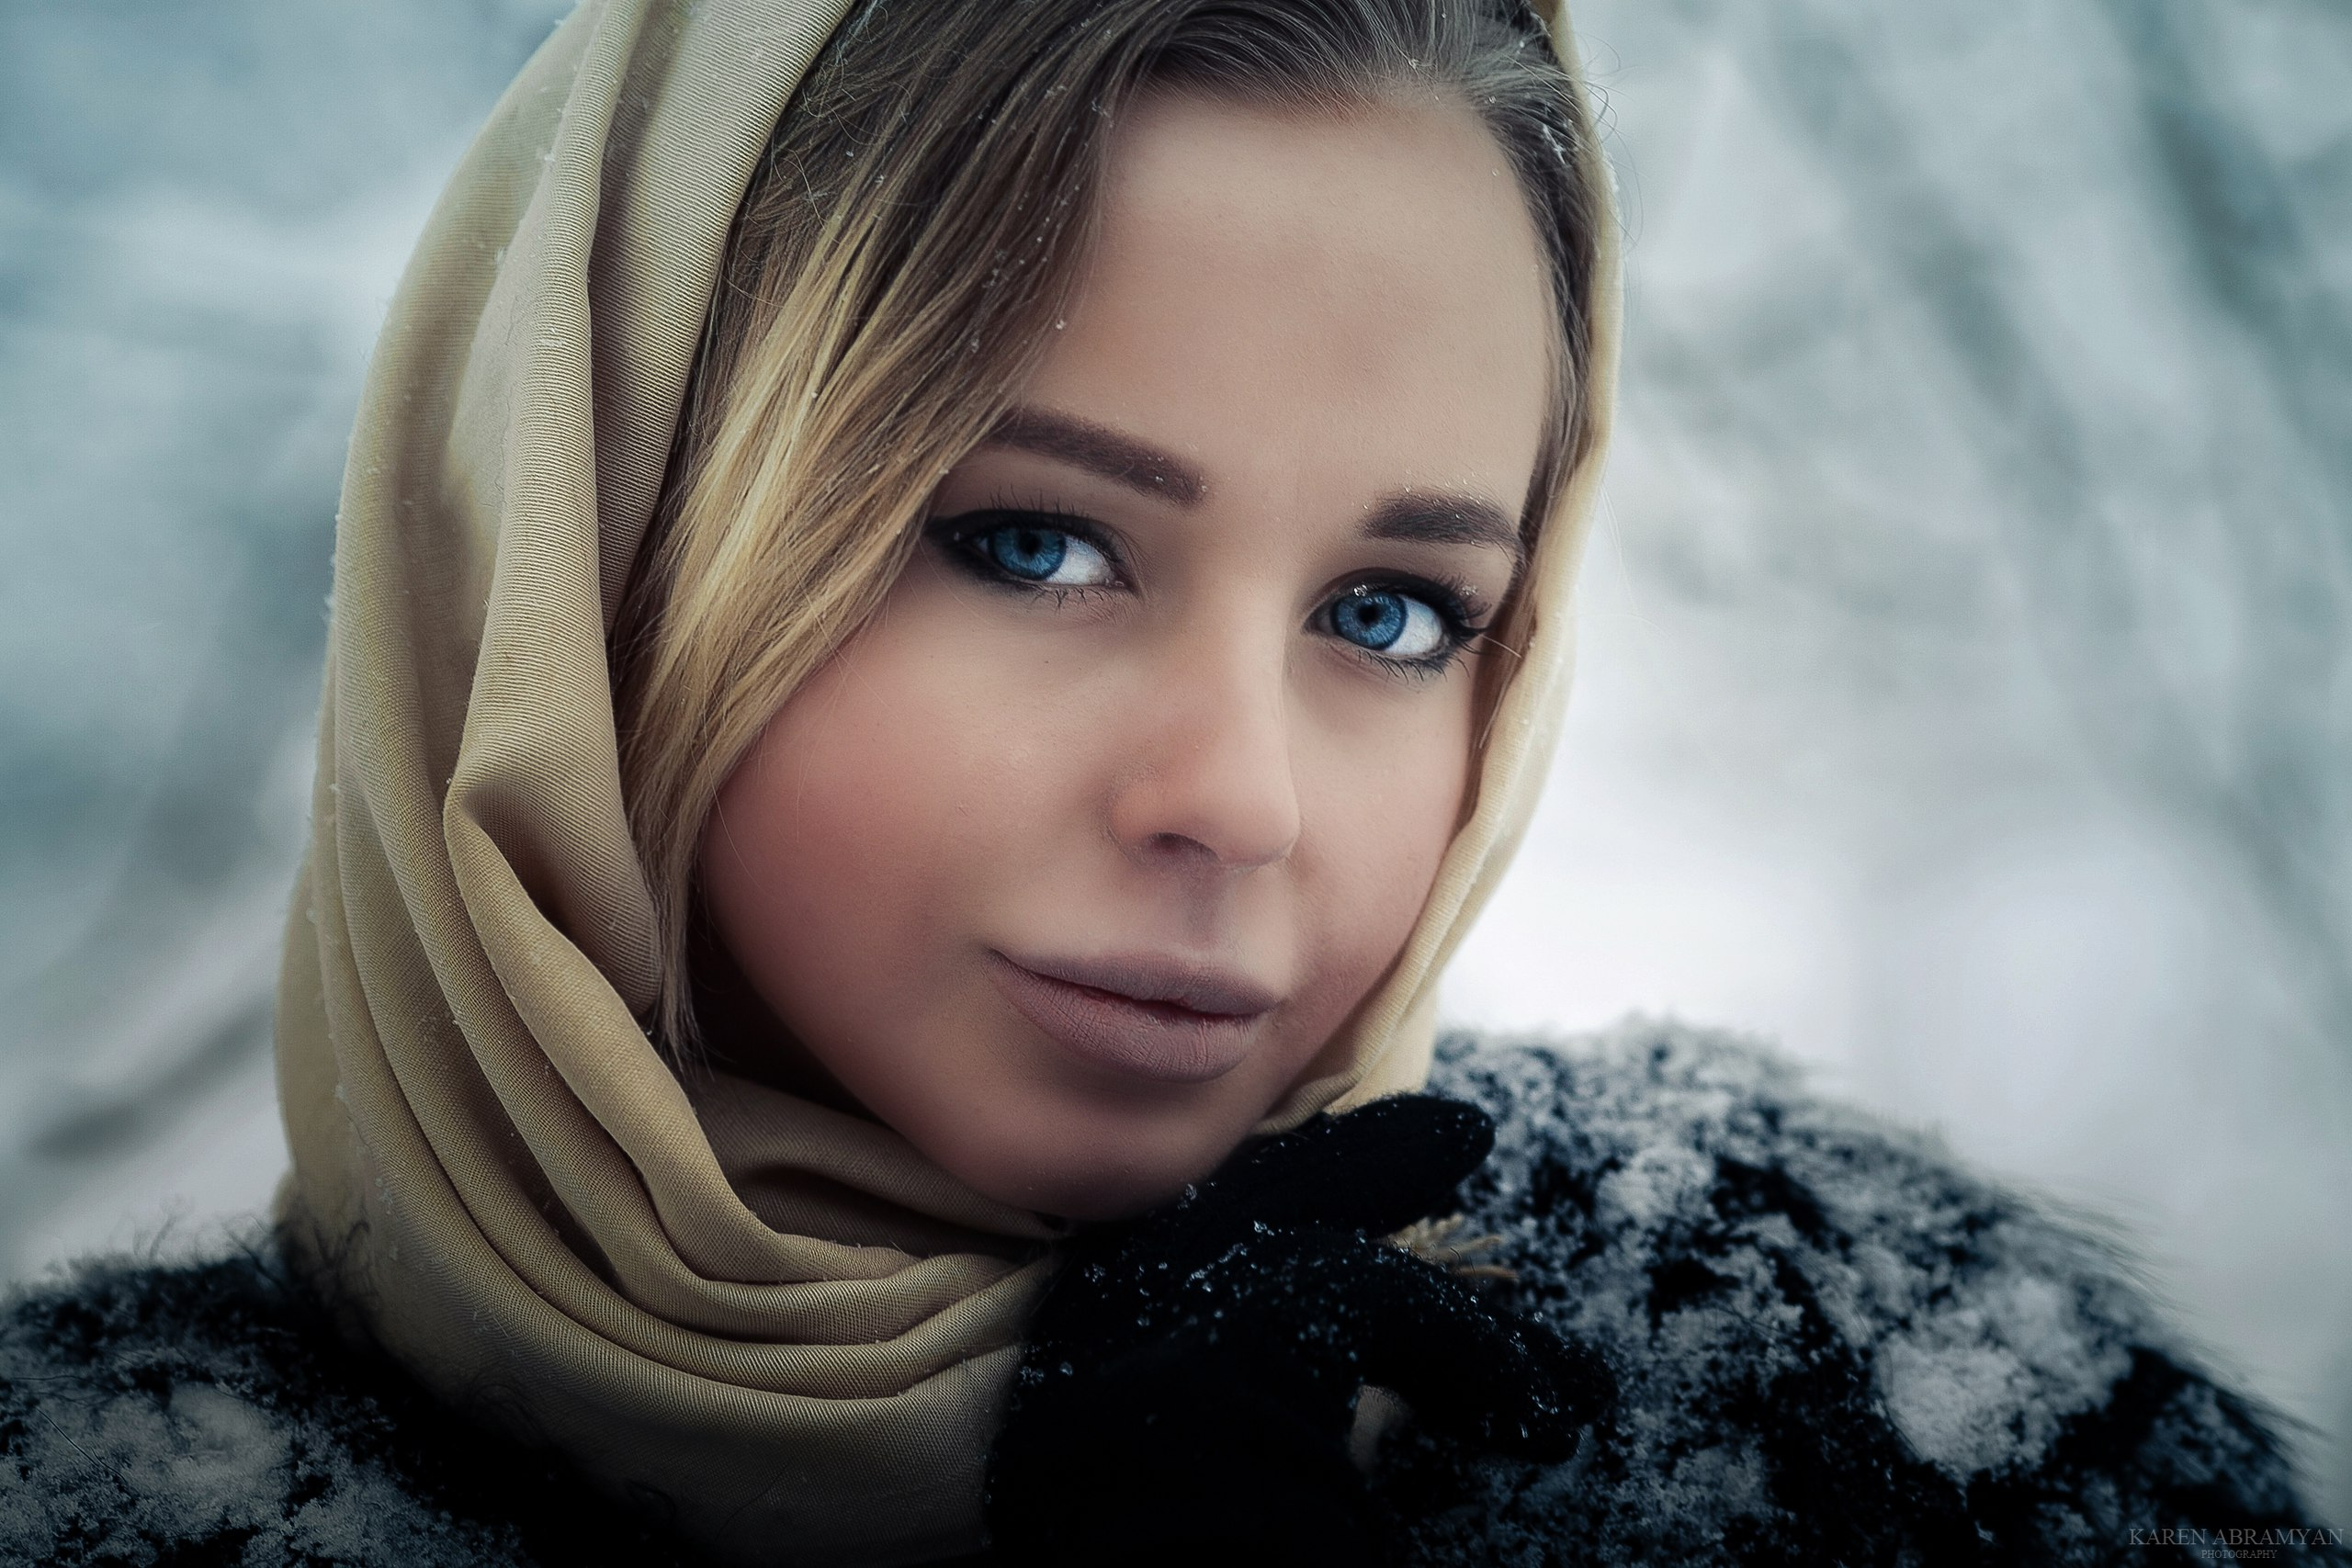 karenabramyan,fashion,portrait,winter,girl,art,eyes, Abramyan Karen